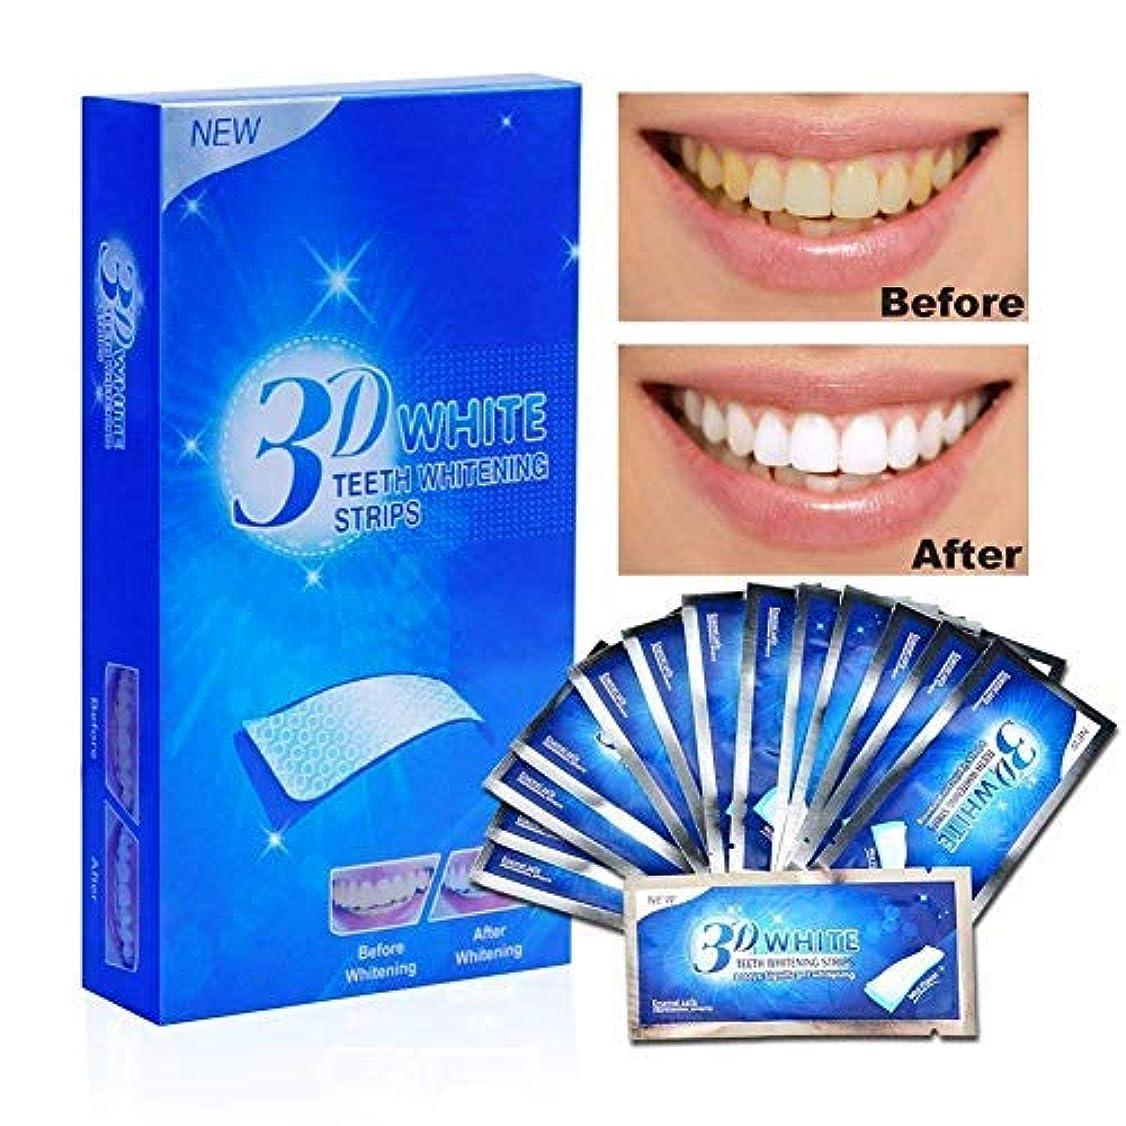 些細な気配りのあるよろしく歯のホワイトニング 歯 美白 歯 ホワイトニング ールホワイトニング 美白歯磨き